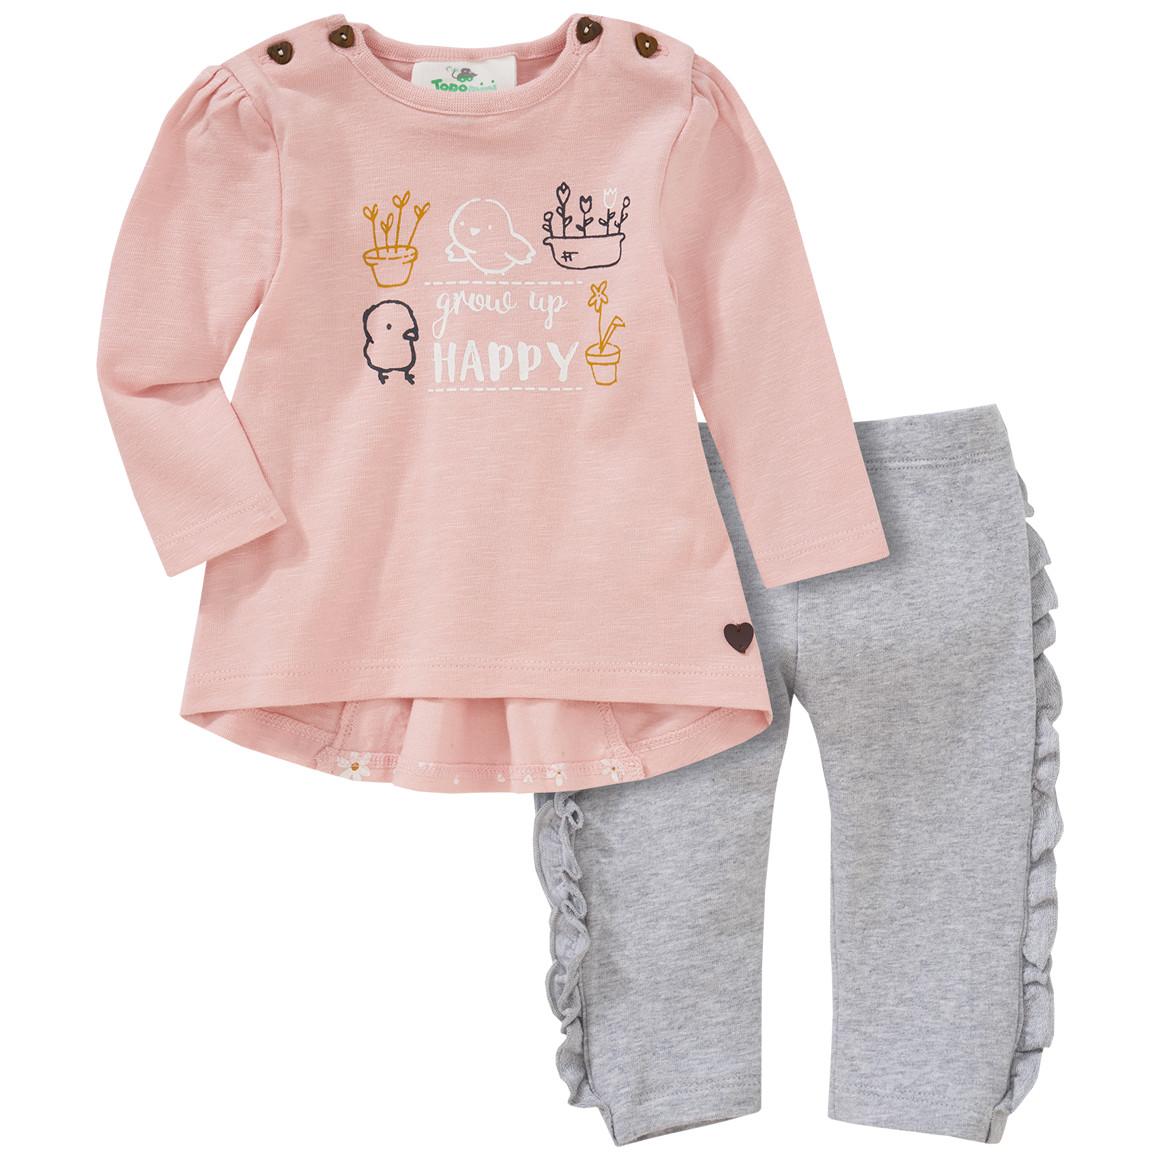 Babysets - Newborn Langarmshirt und Leggings im Set - Onlineshop Ernstings family